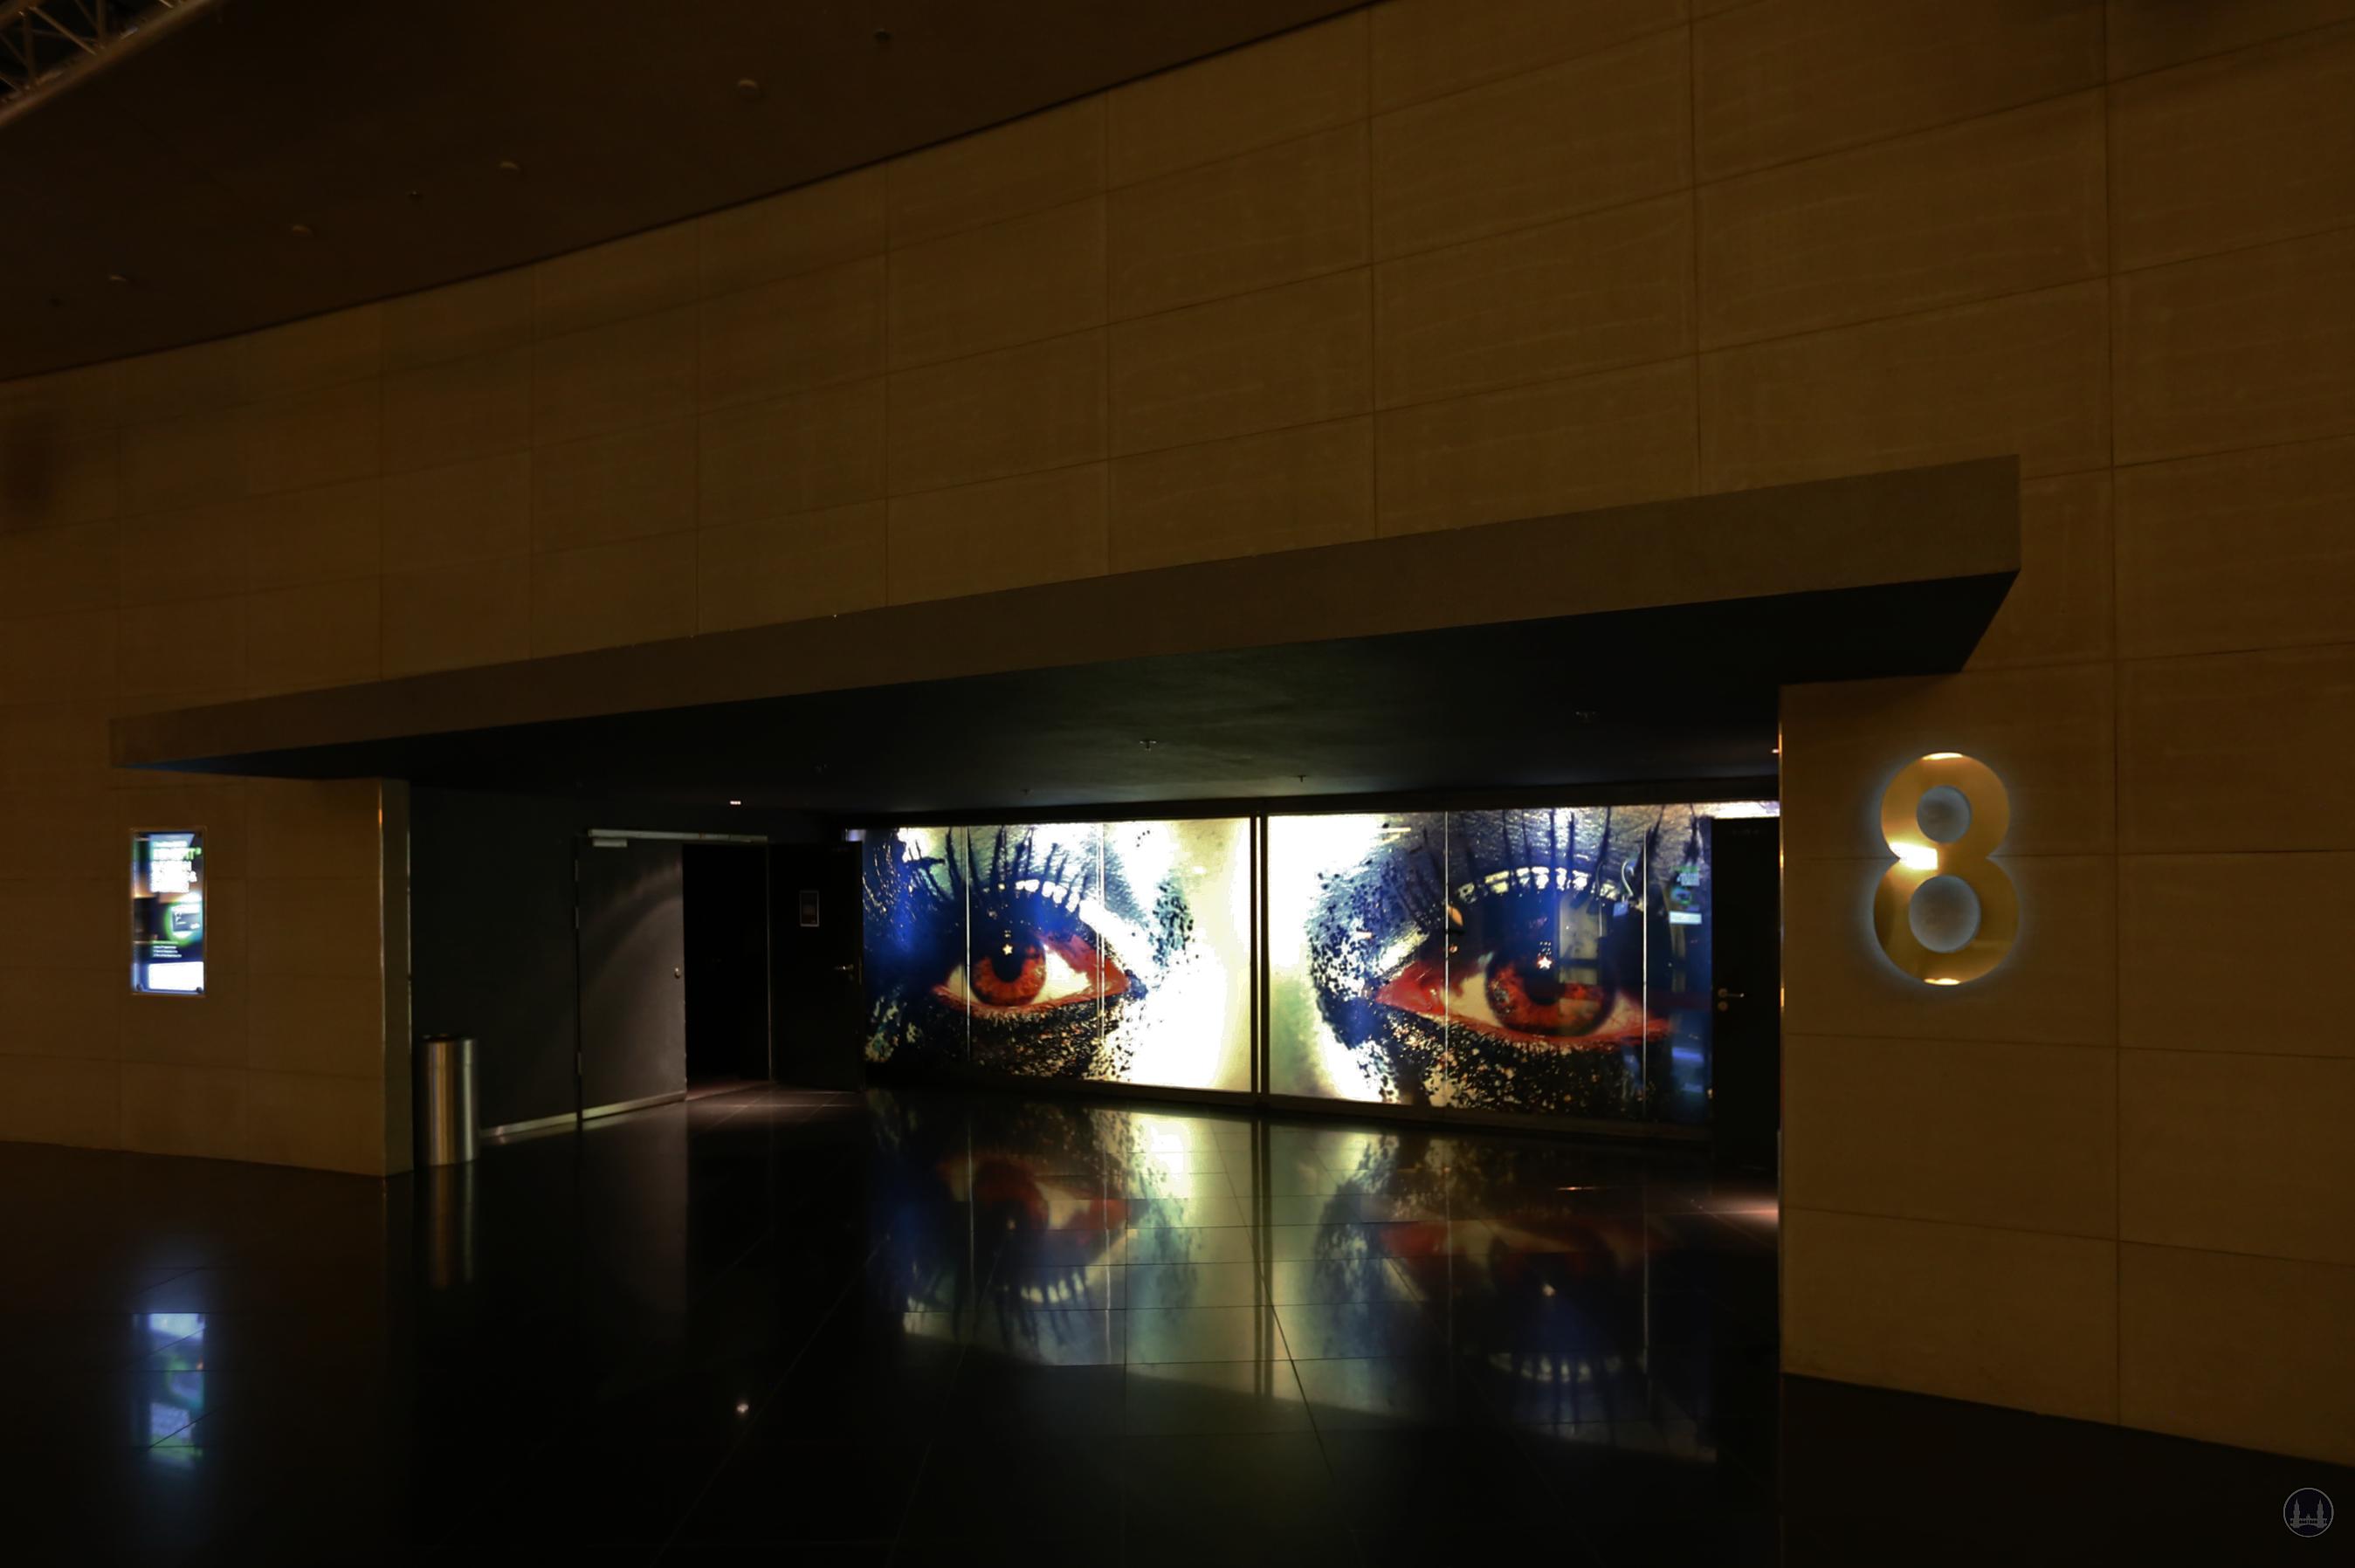 CineStar Kino im Sony Center Berlin. Blick auf den Eingangsbereich des Saals 8.